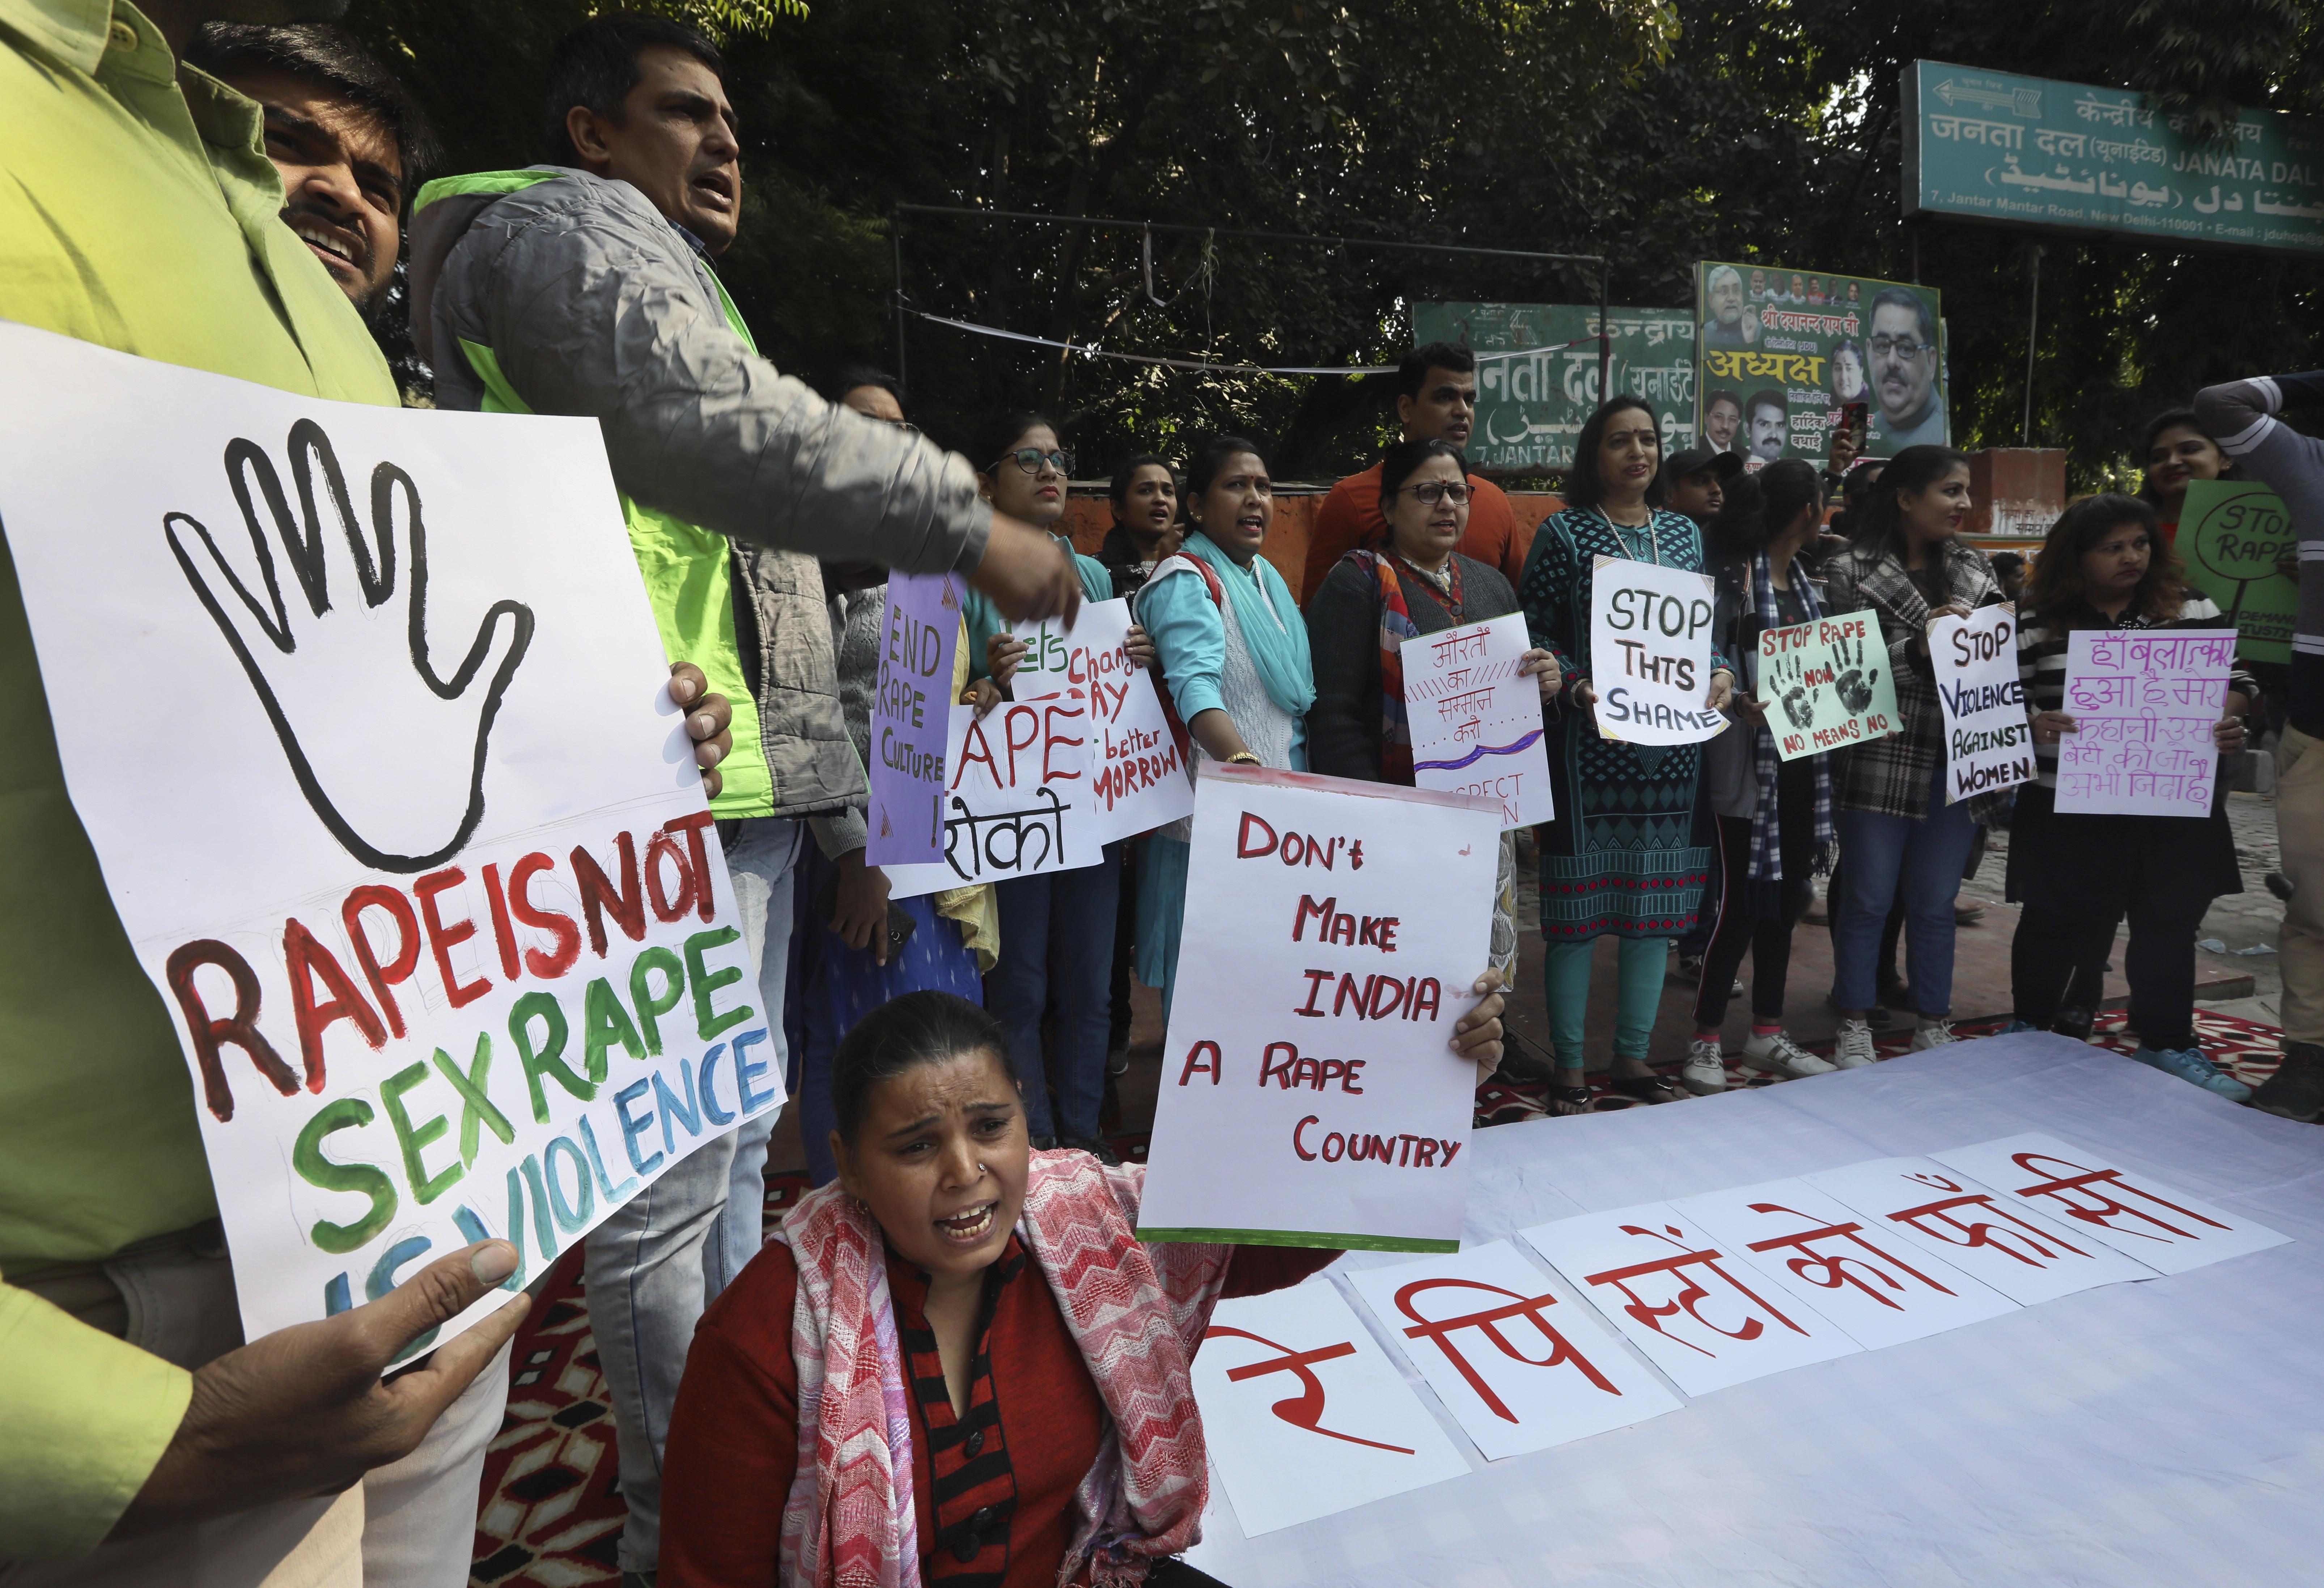 Justiça da Índia decide que homem de 39 que apalpou menina de 12 não cometeu abuso sexual porque ela estava vestida